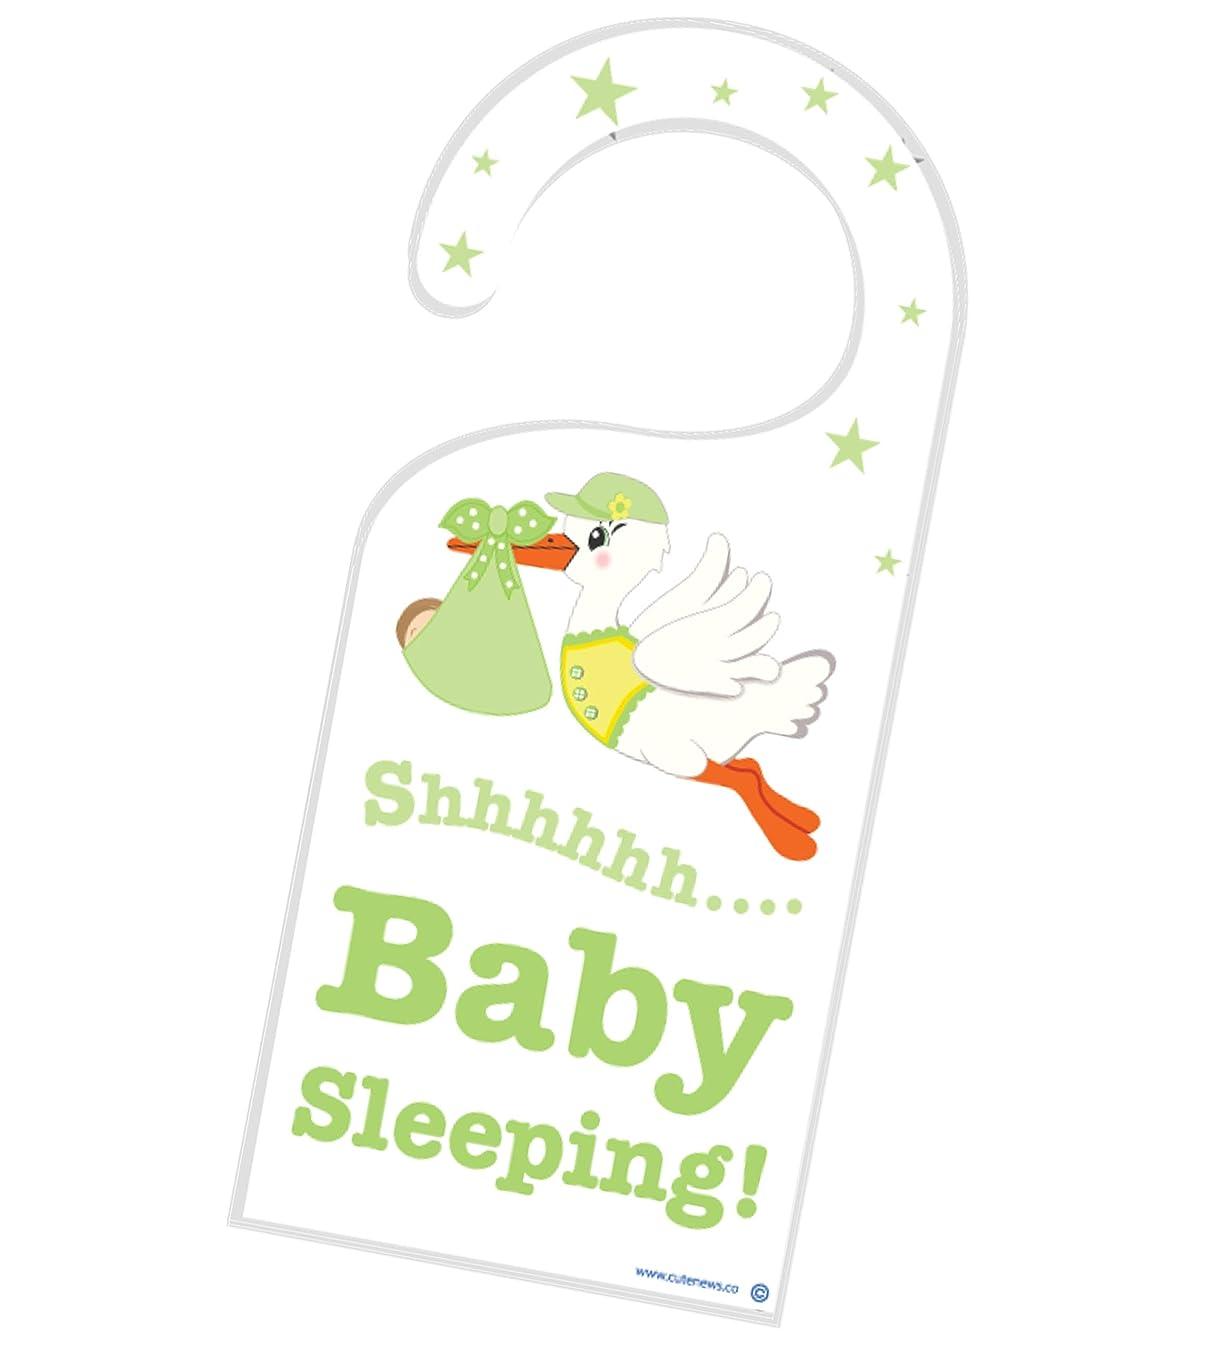 Shh New Baby is Sleeping Door Hanger - Unisex Nursery Room Newborn Sign - Green - Great Shower Expecting Gift